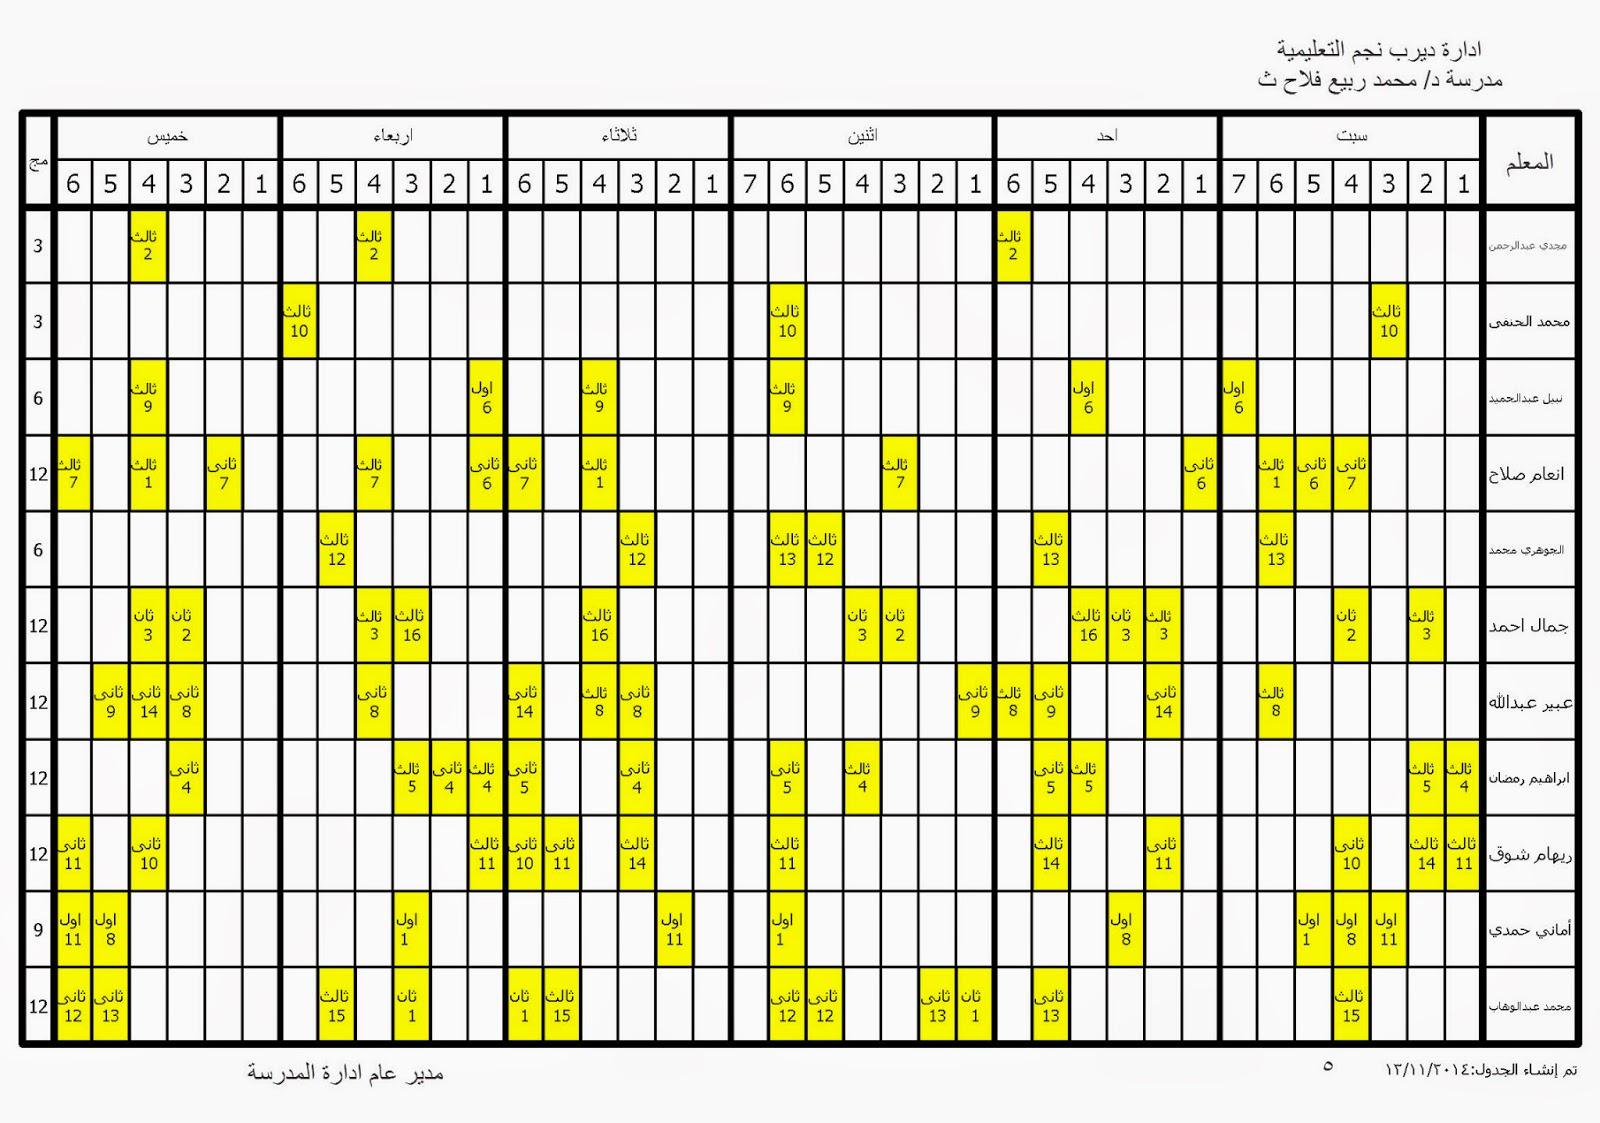 جدول الحصص العام لمعلمين المدرسة Copy%2Bof%2B%D8%A7%D9%84%D8%AC%D8%AF%D9%88%D9%84%2B%D8%A7%D9%84%D8%B9%D8%A7%D9%8505